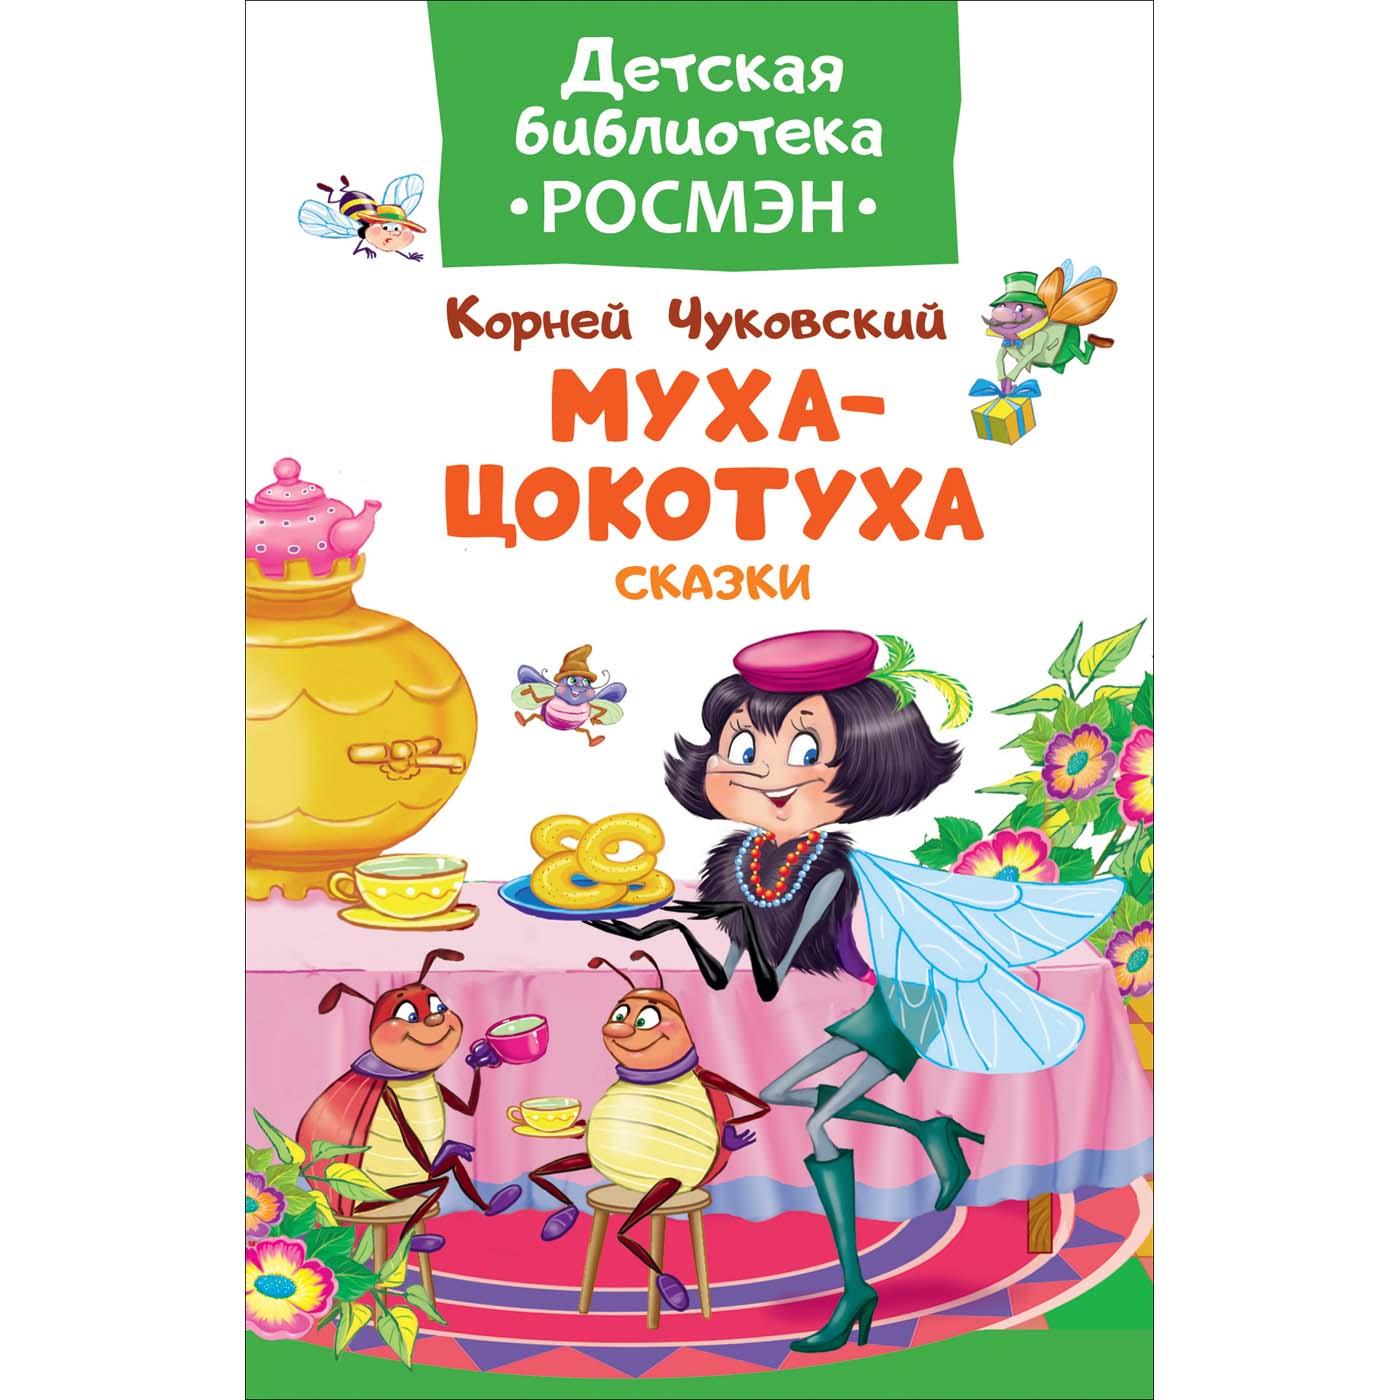 Купить Книга из серии Детская библиотека Росмэн - Муха-цокотуха Чуковский К. Сказки